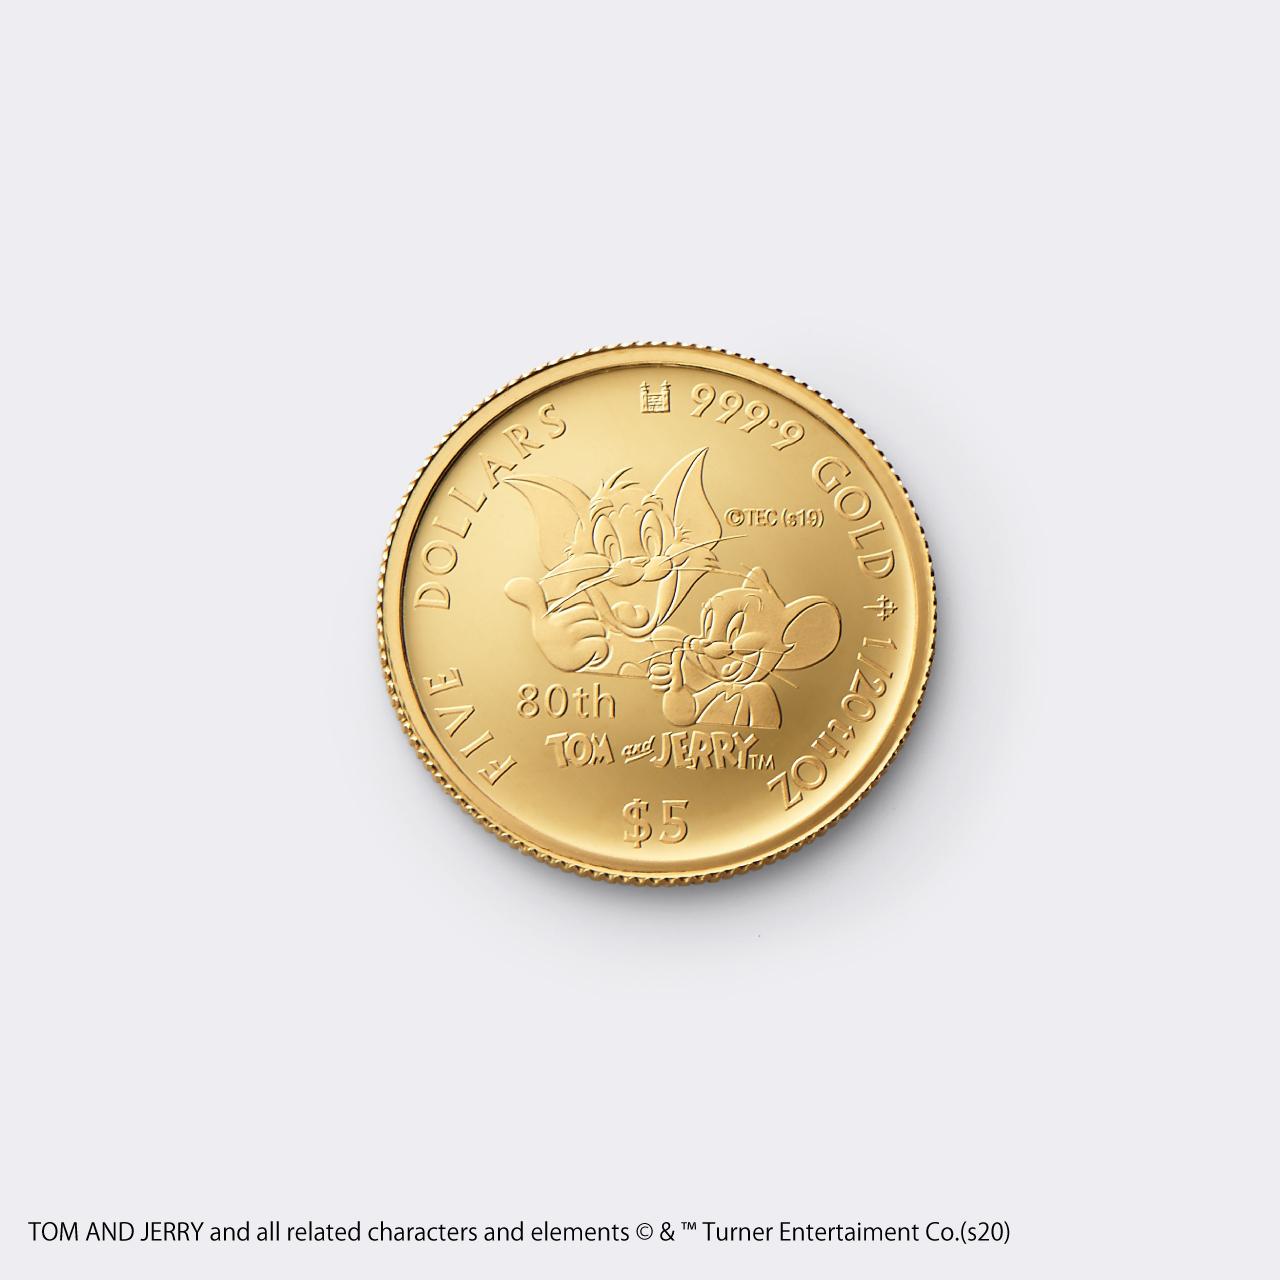 2020 TOM&JERRY 1/20 GOLD PROOF COIN(トムとジェリー 80周年記念硬貨 1/20オンス)